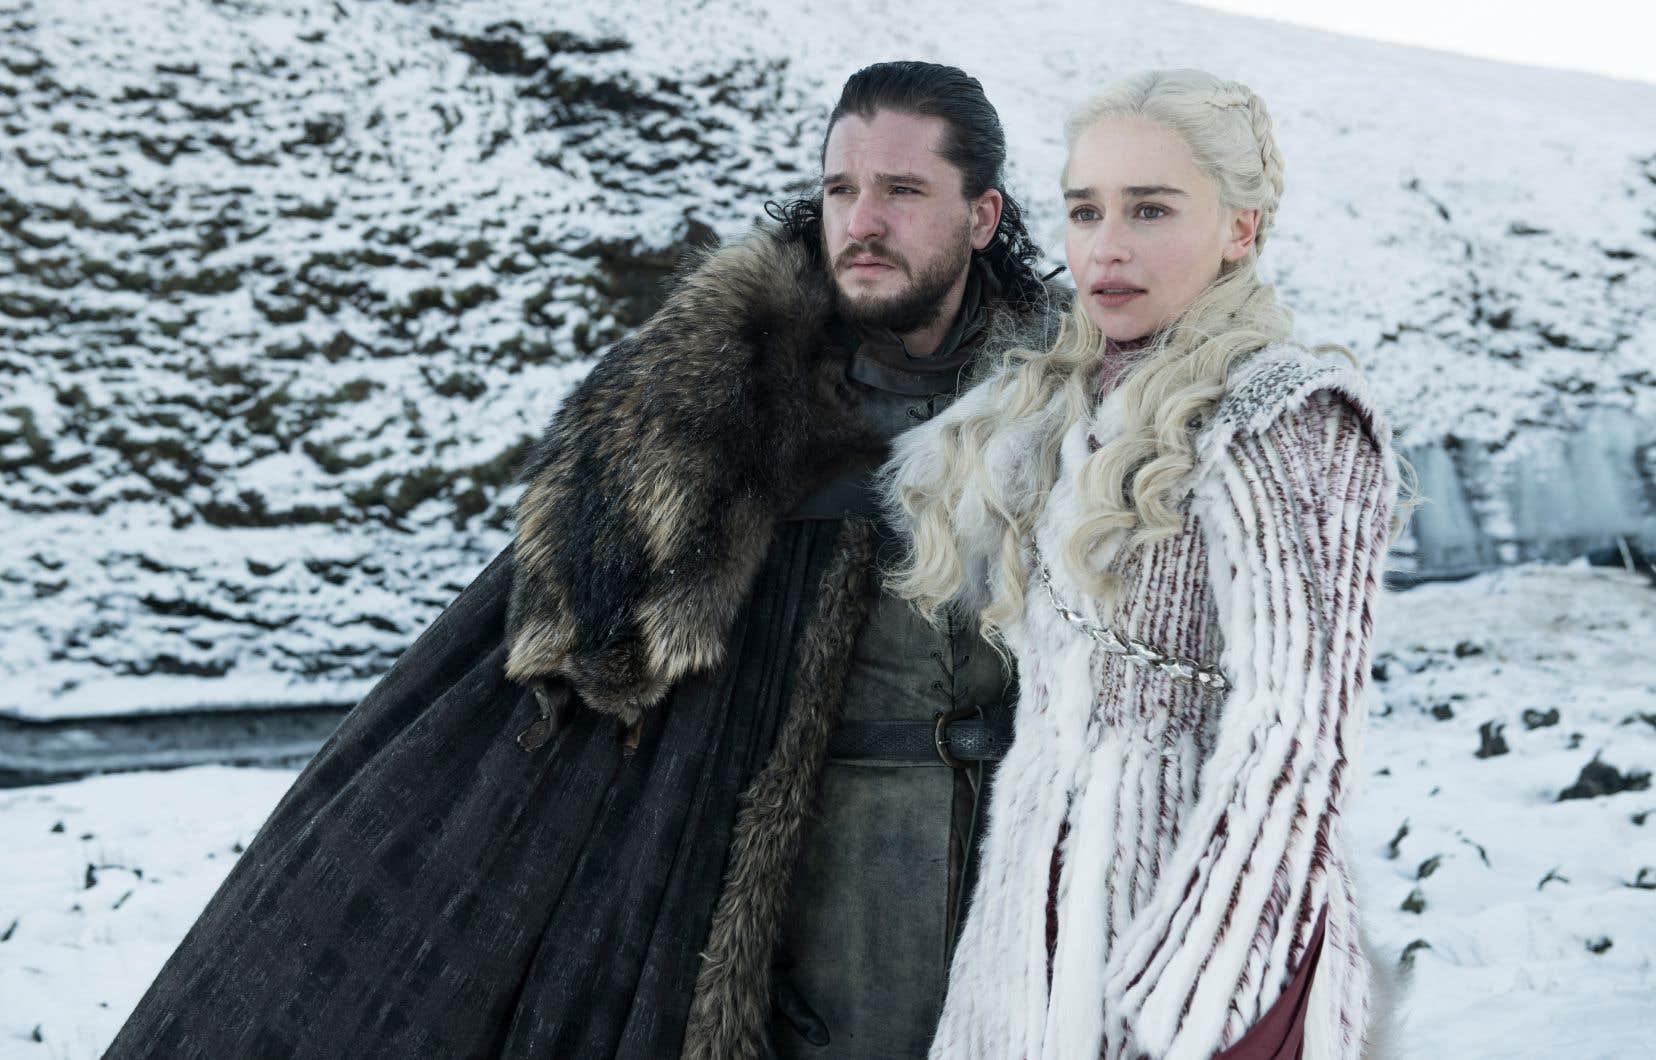 Jon Snow (Kit Harington) et Daenerys Targaryen (Emilia Clarke), principaux personnages de la série